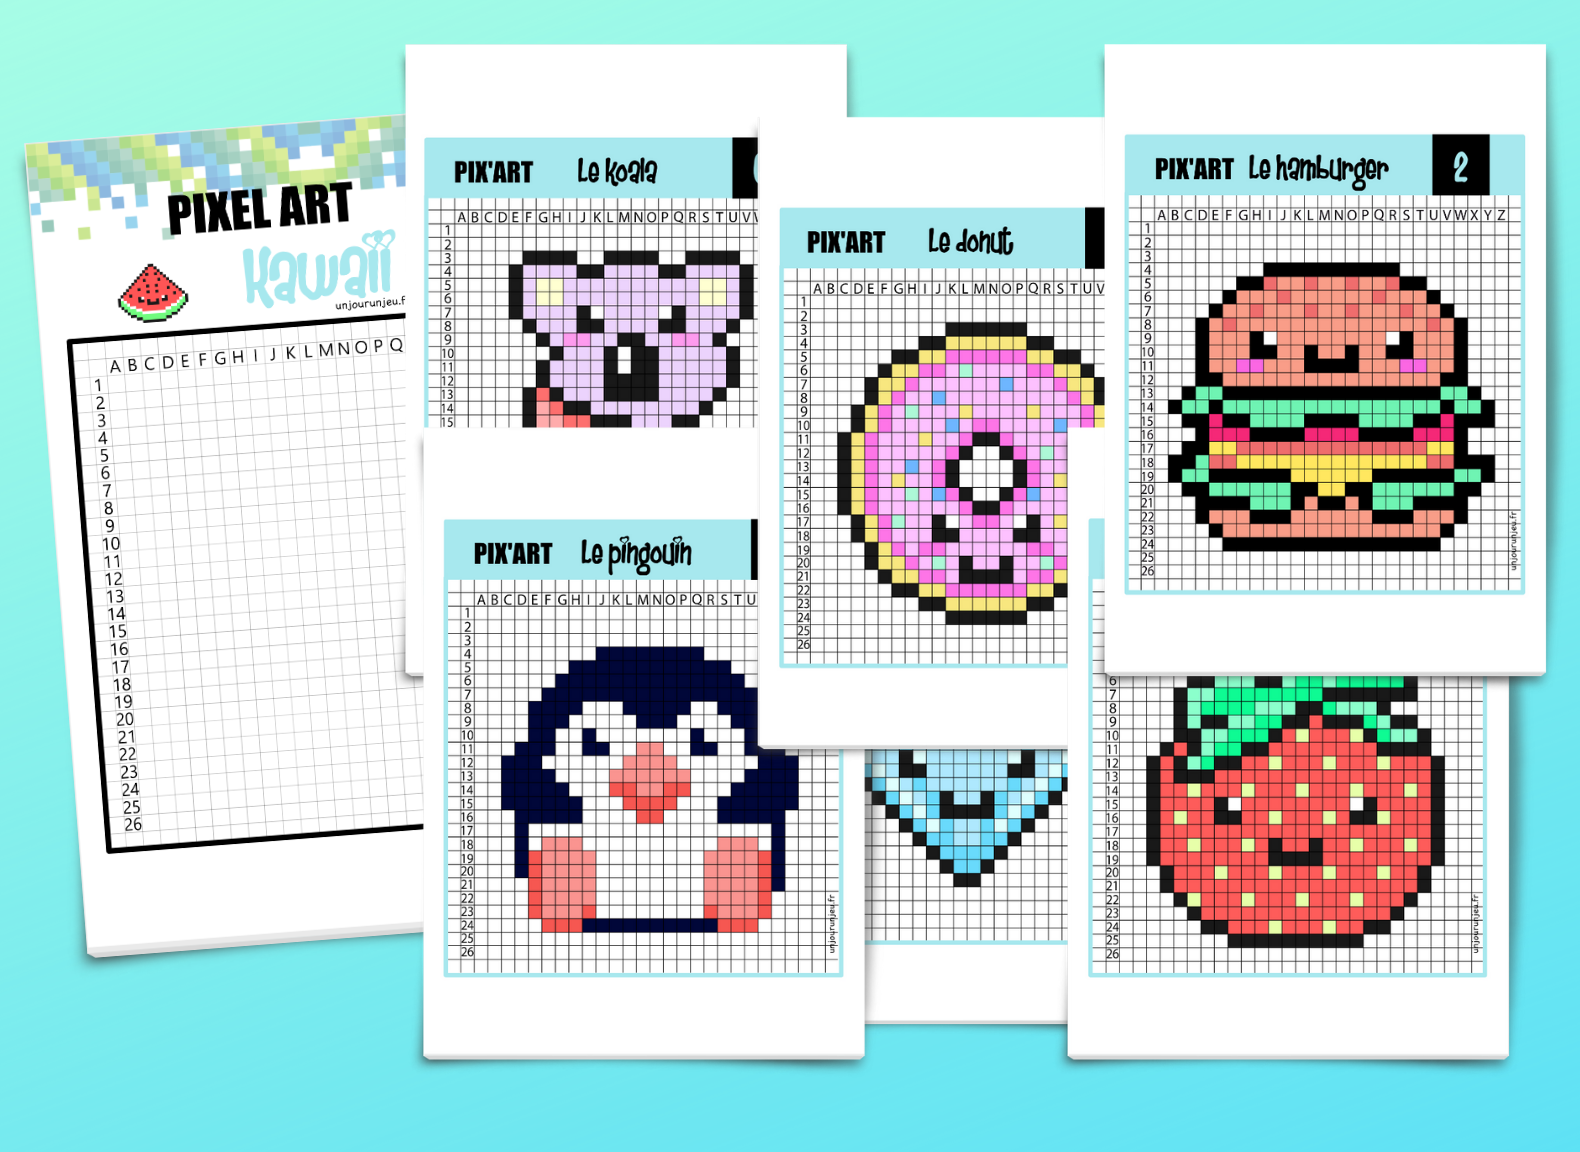 12 Modeles De Pixel Art Kawaii A Telecharger Gratuitement Pixel Art Kawaii Art Kawaii Pixel Art